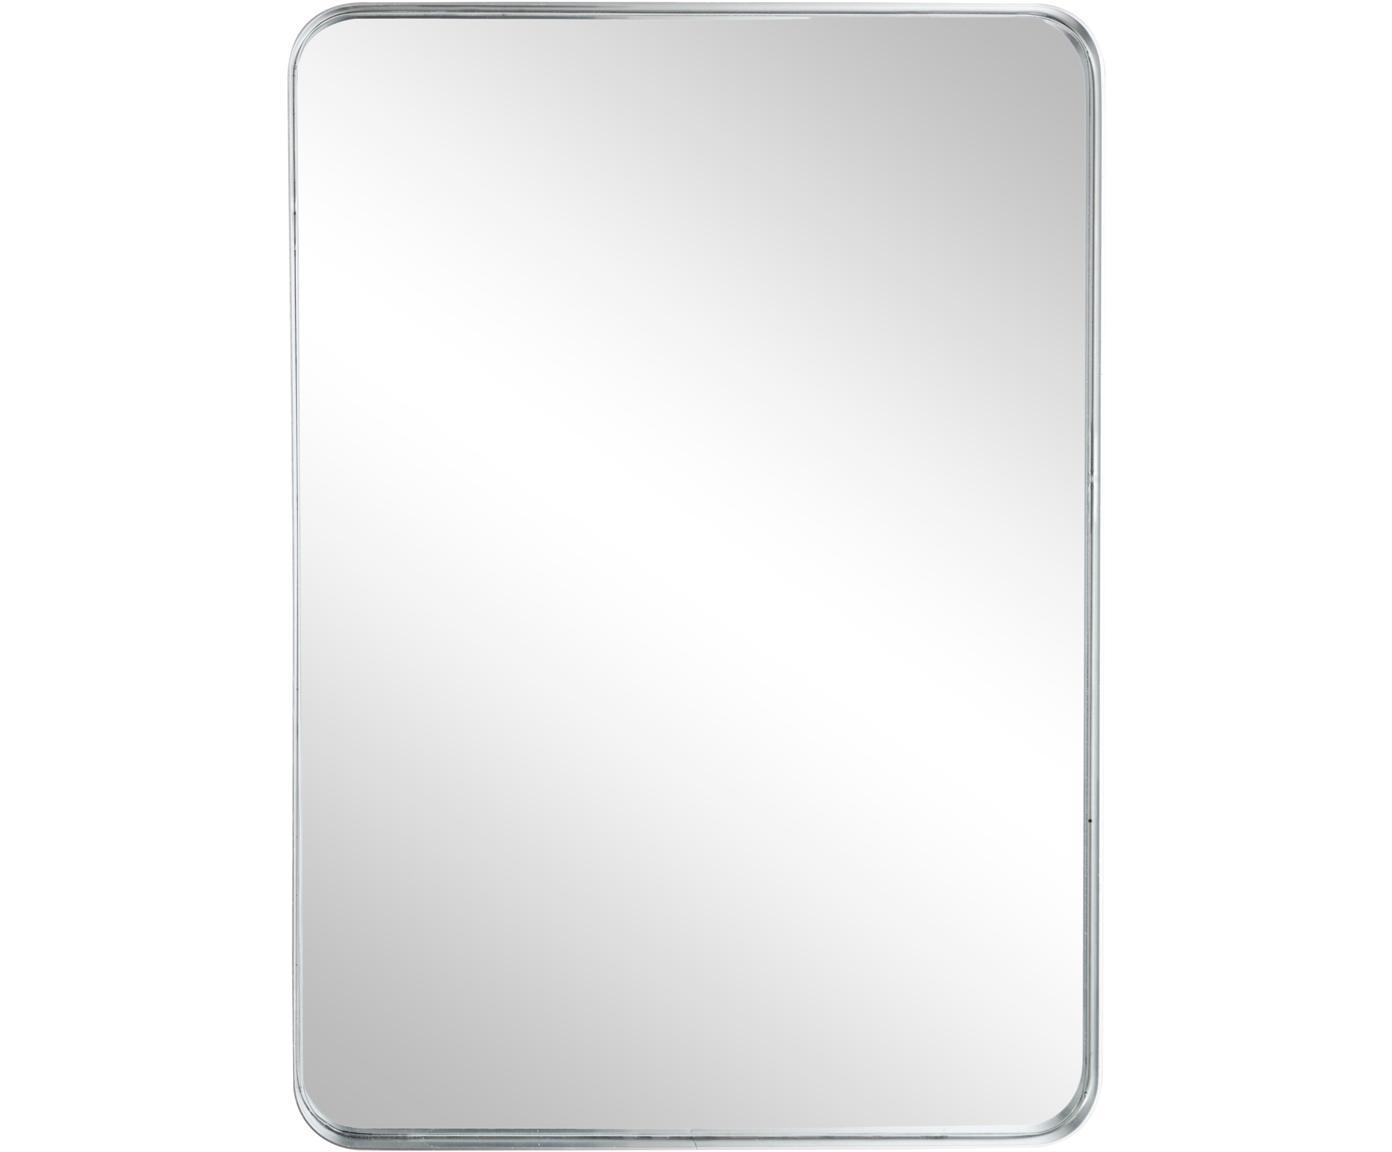 Wandspiegel Sile, Frame: metaal, Edelstaalkleurig, 40 x 56 cm